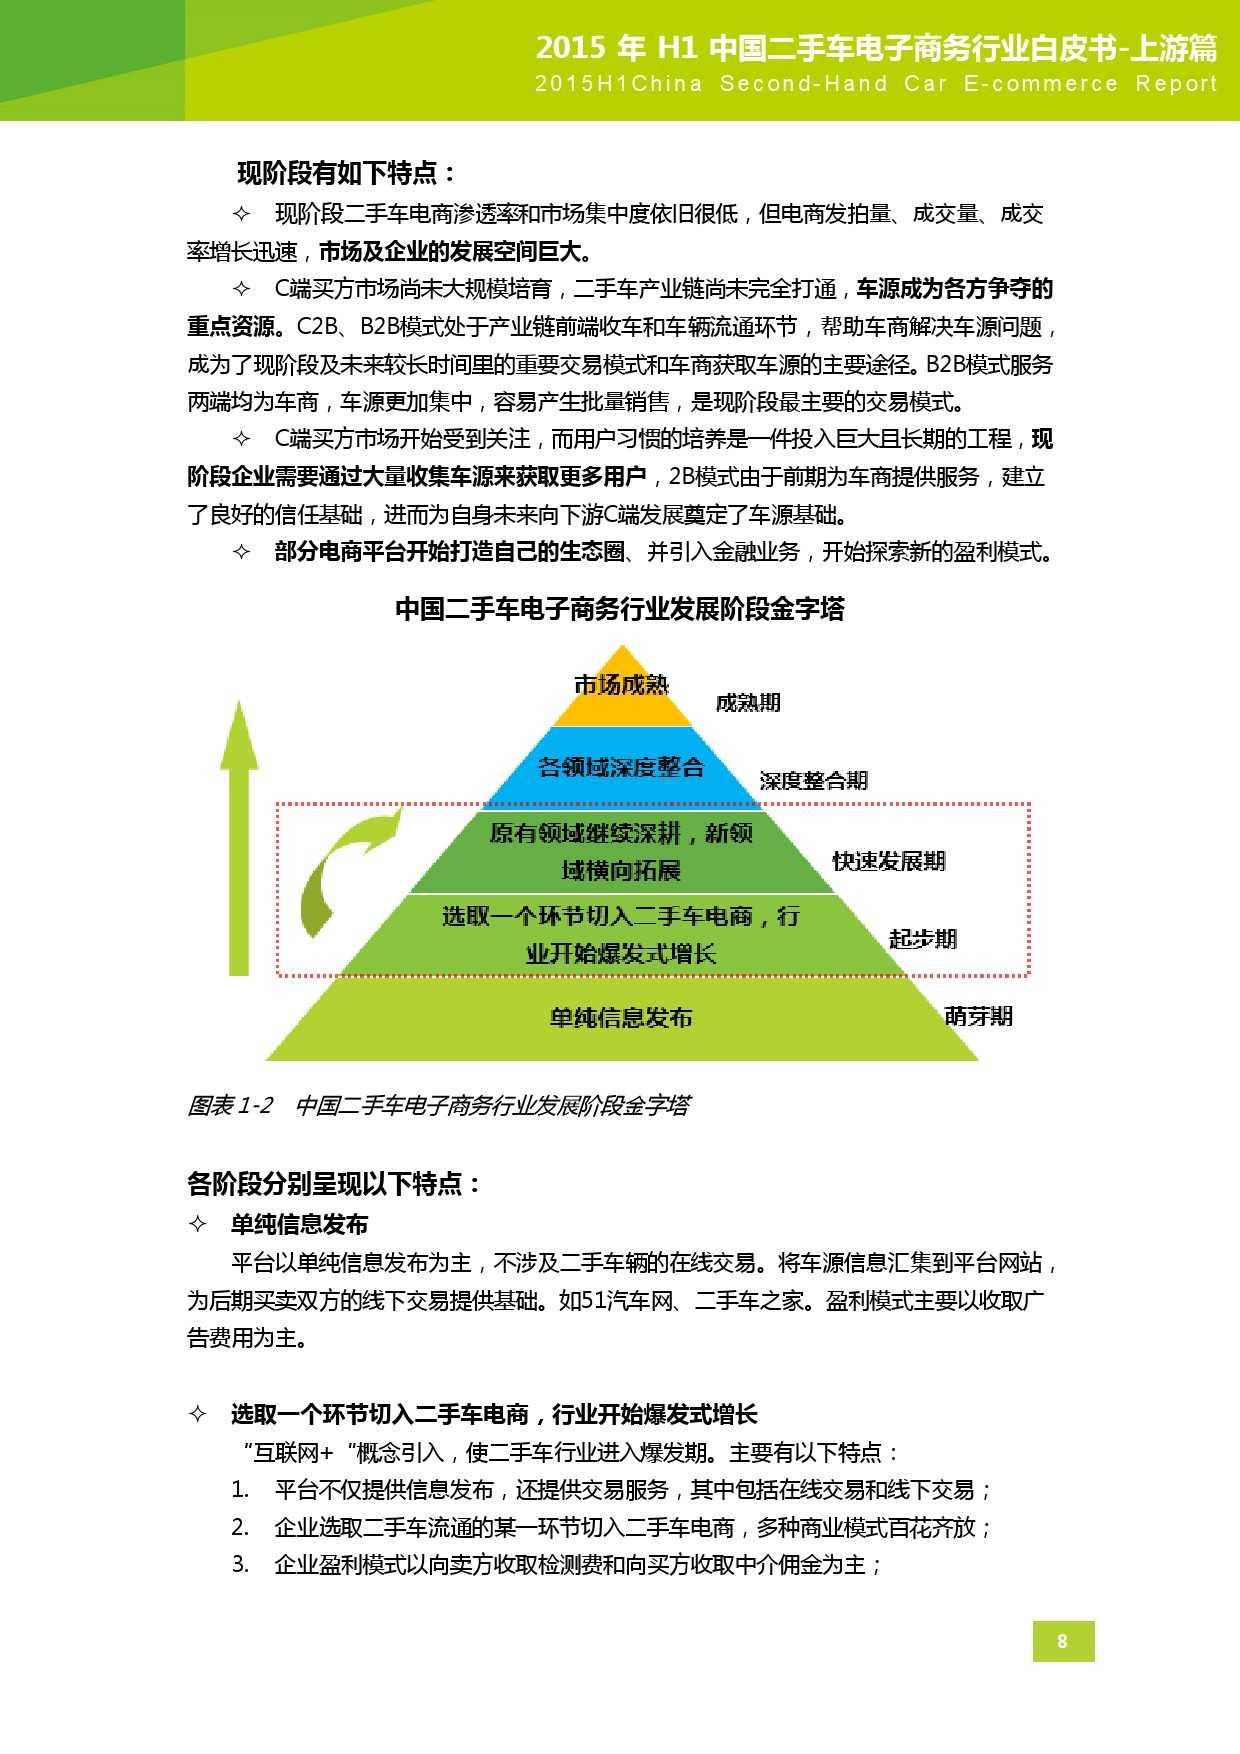 2015年中国二手车电子商务行业白皮书-上游篇_000009